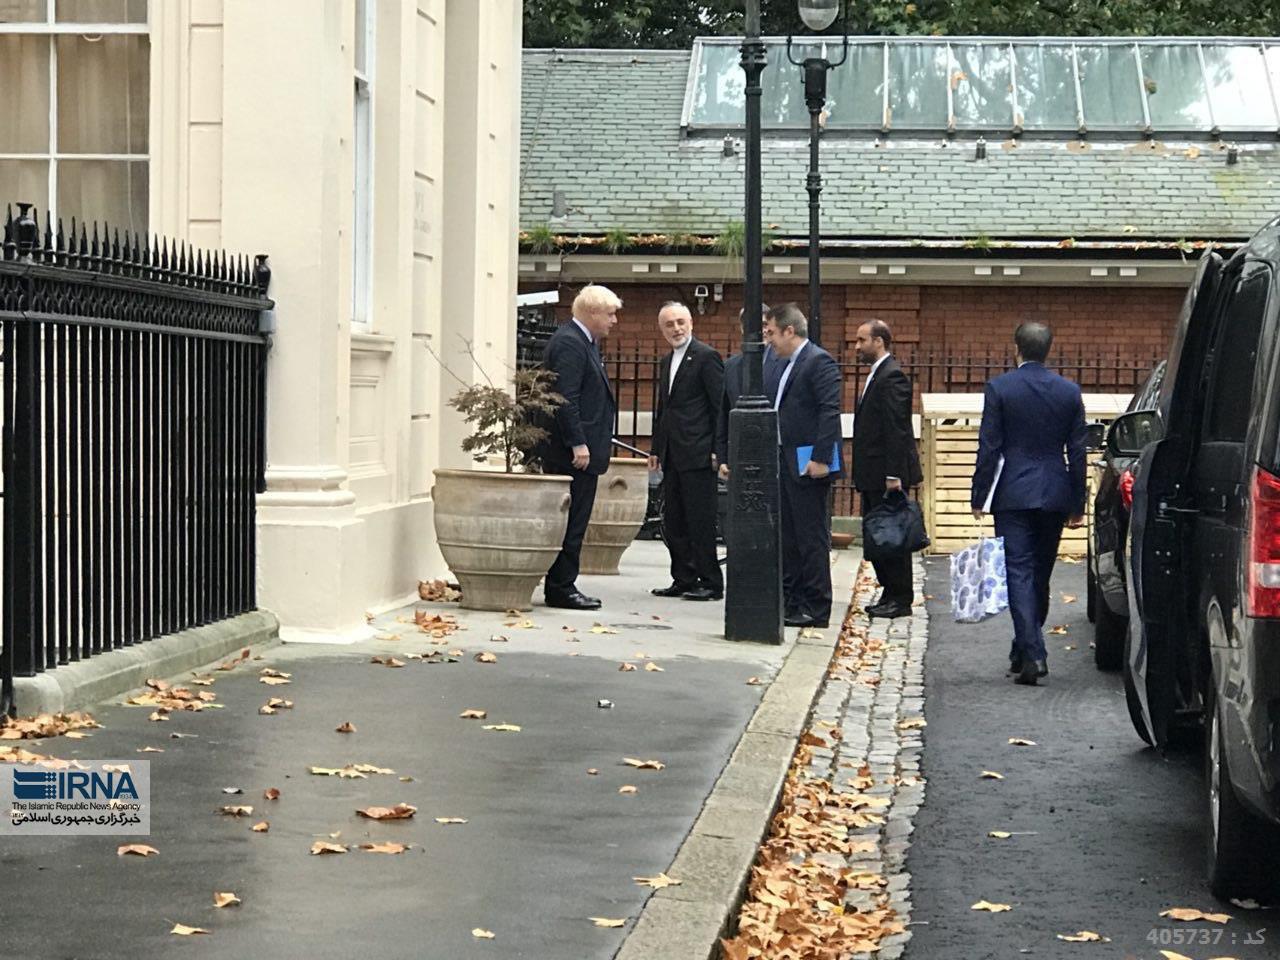 استقبال وزیر خارجه انگلیس از رئیس سازمان انرژی اتمی ایران (عکس)